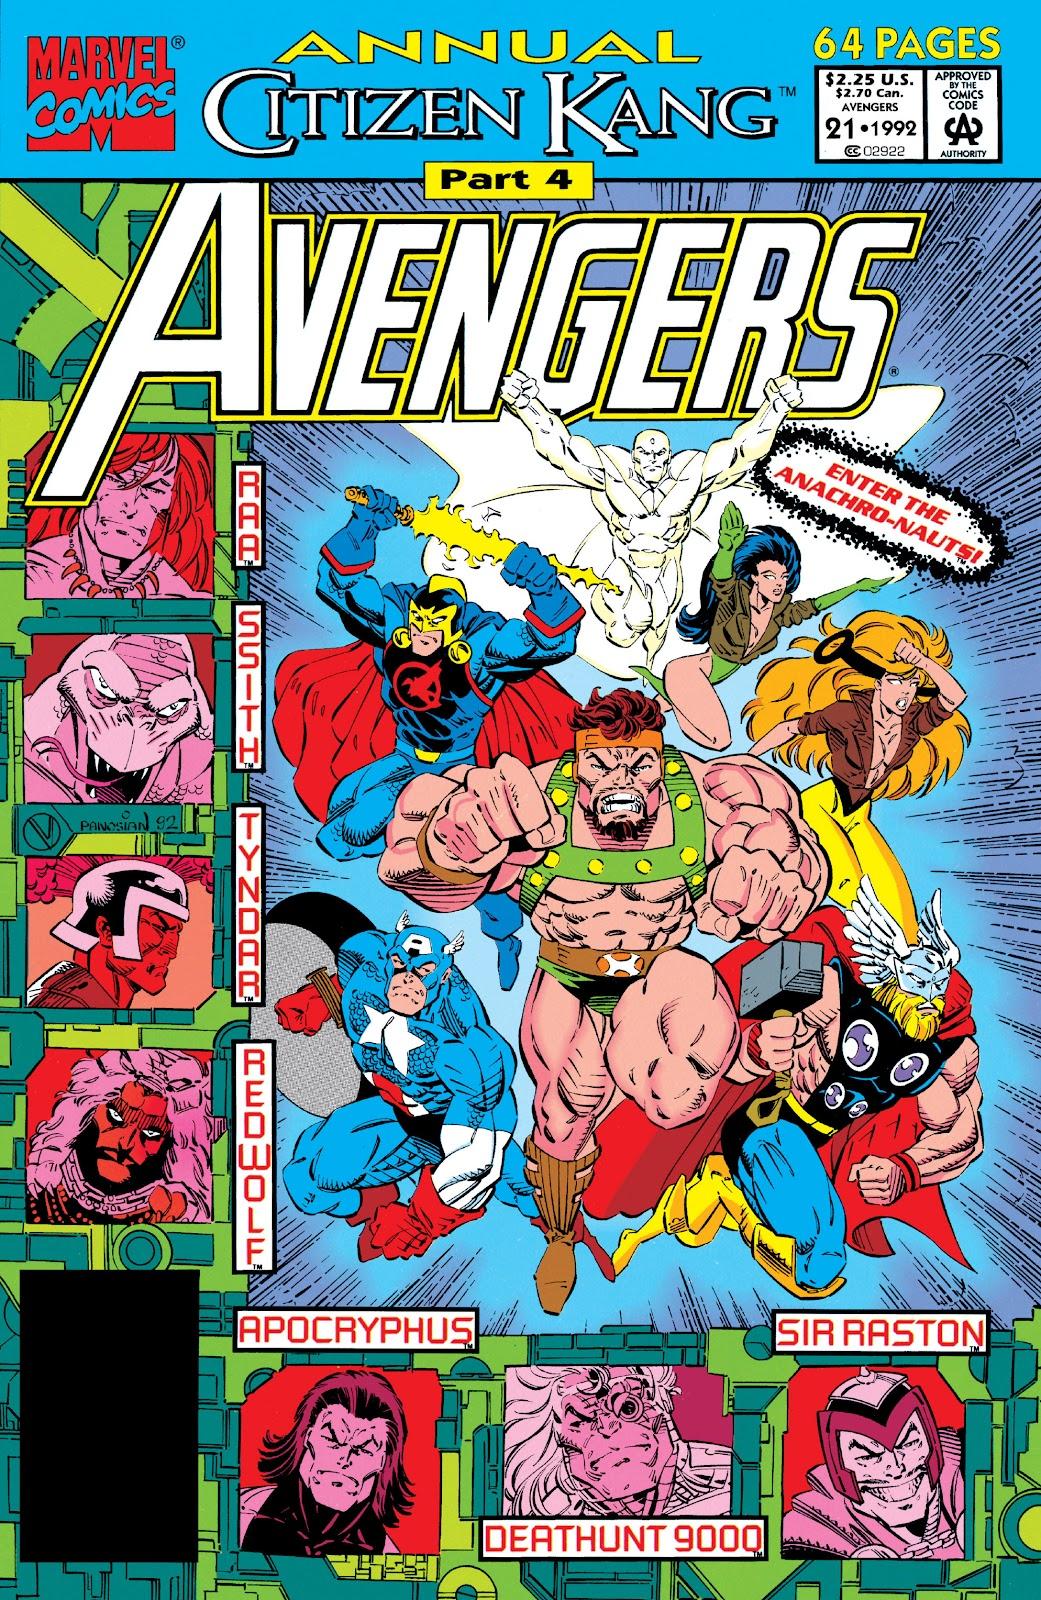 Read online Avengers: Citizen Kang comic -  Issue # TPB (Part 2) - 70